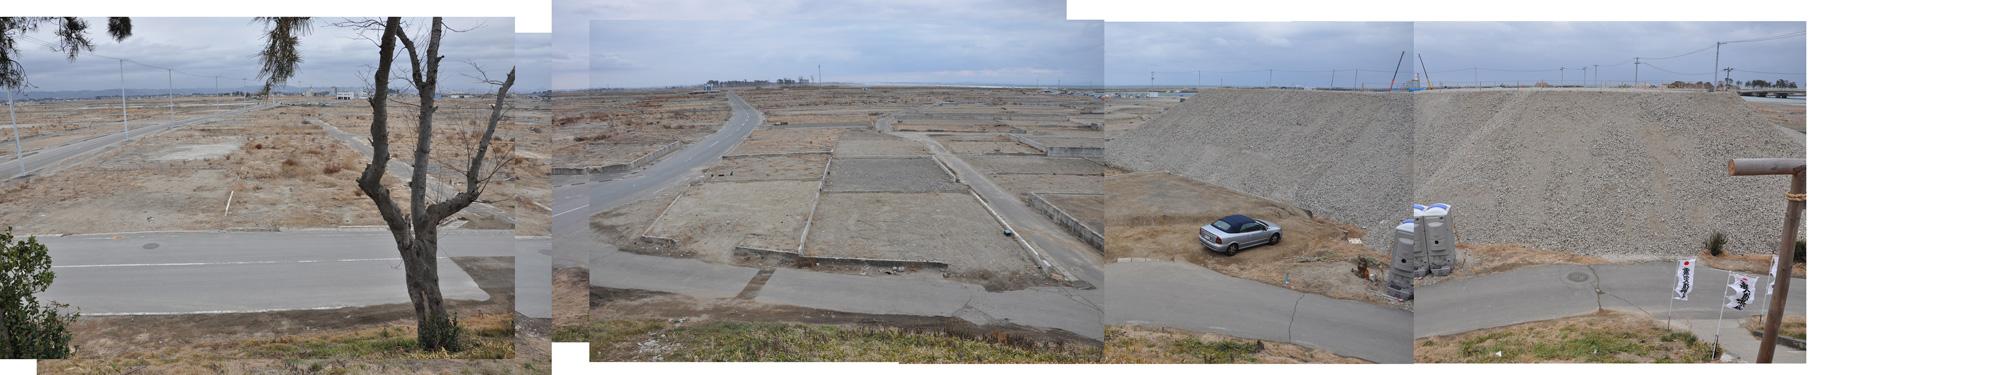 閖上日和山定点観測(西北西-東南東)2012年1月